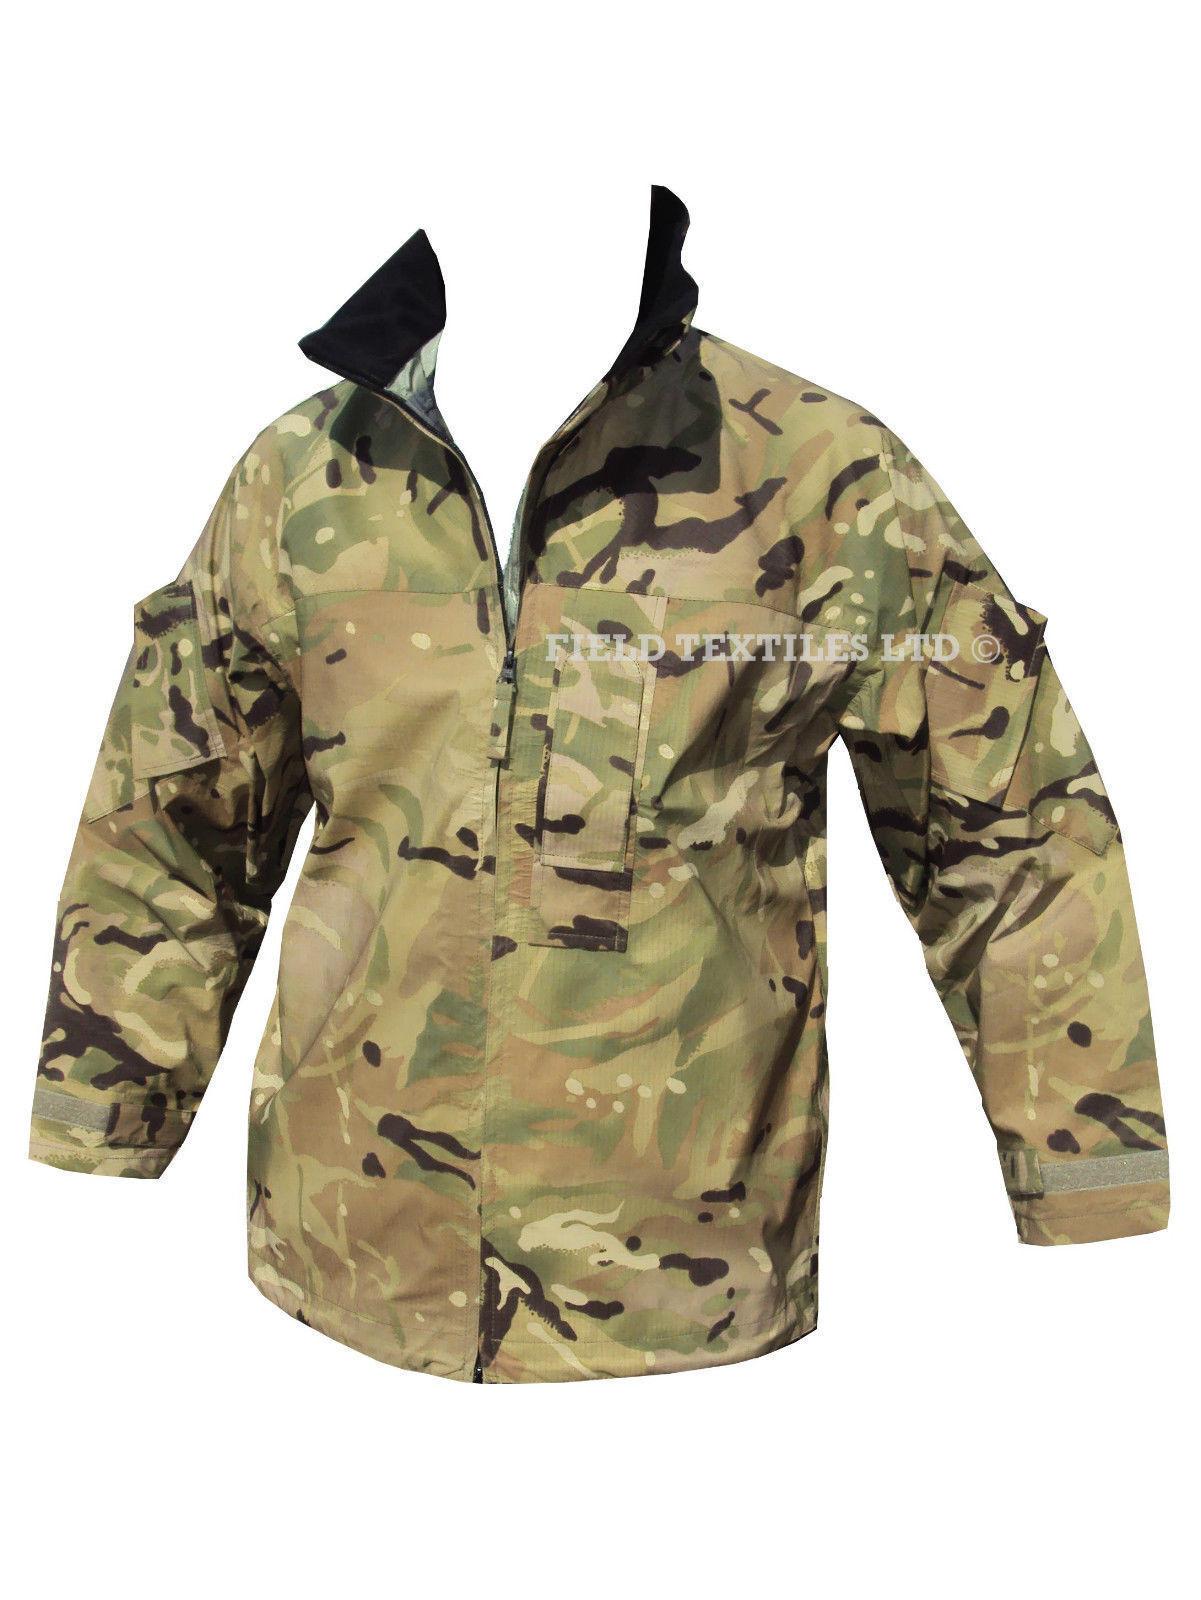 British British British Army MTP-GIACCA LEGGERA Goretex-Taglia Small-Nuovo di Zecca 93200d